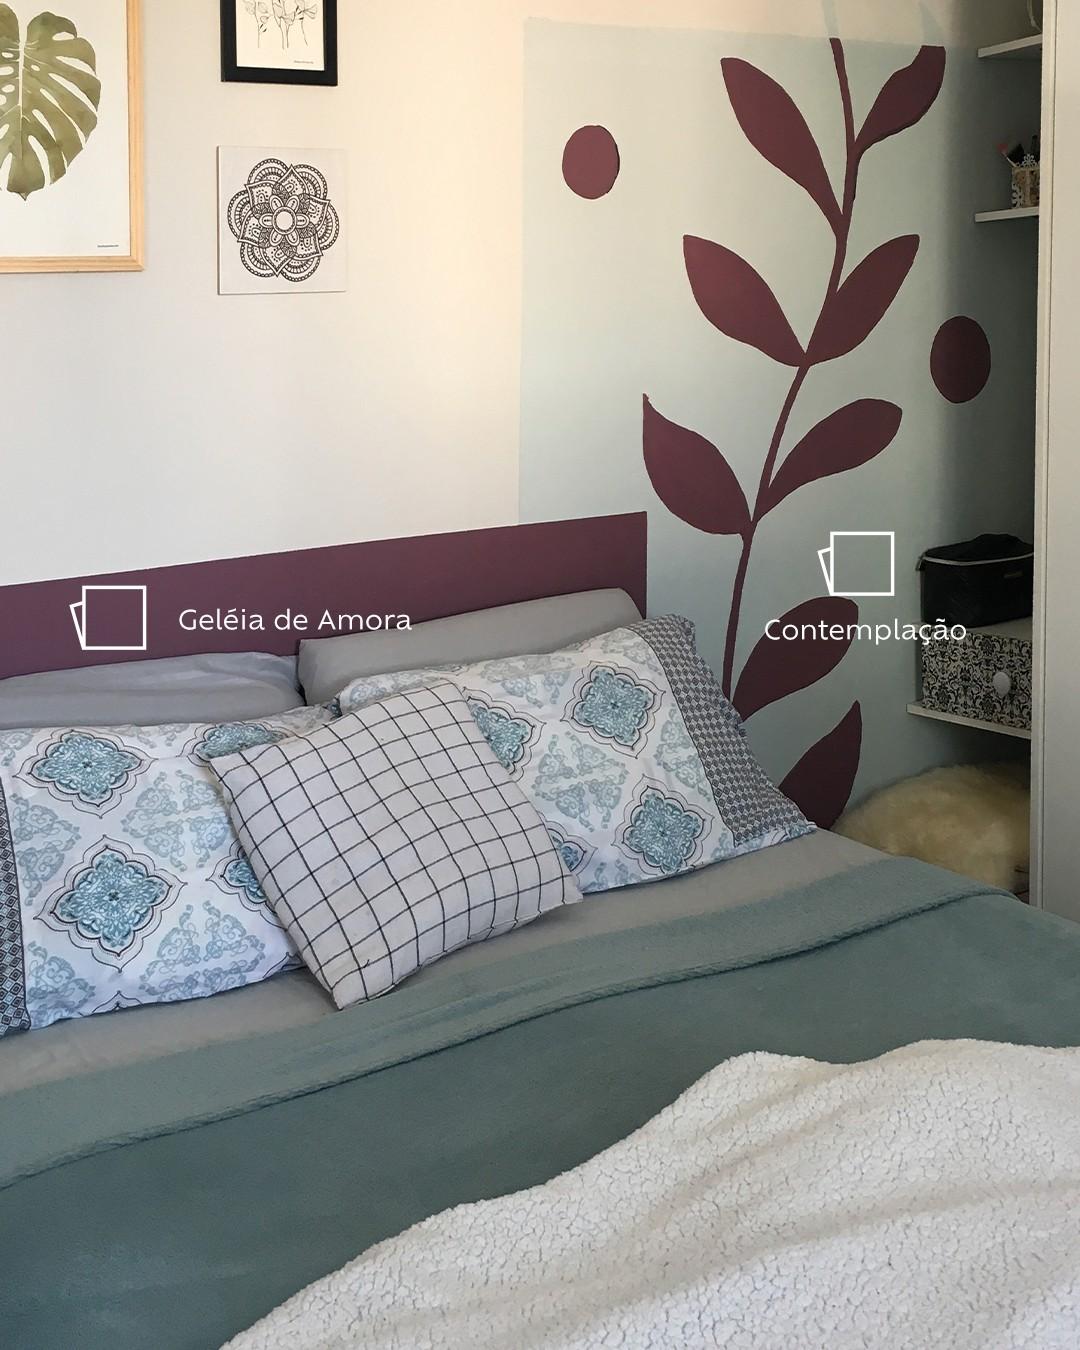 Foto de quarto com foco na cabeceira da cama, aparecendo alguns travesseiros com fronhas azul e cinza. Ao fundo, a parede pintada na cor Contemplação, uma pintura geométrica quadrada que simula a cabeceira da cama na cor Geleia de Amora e um desenho de planta na mesma cor ao lado direito da cabeceira.